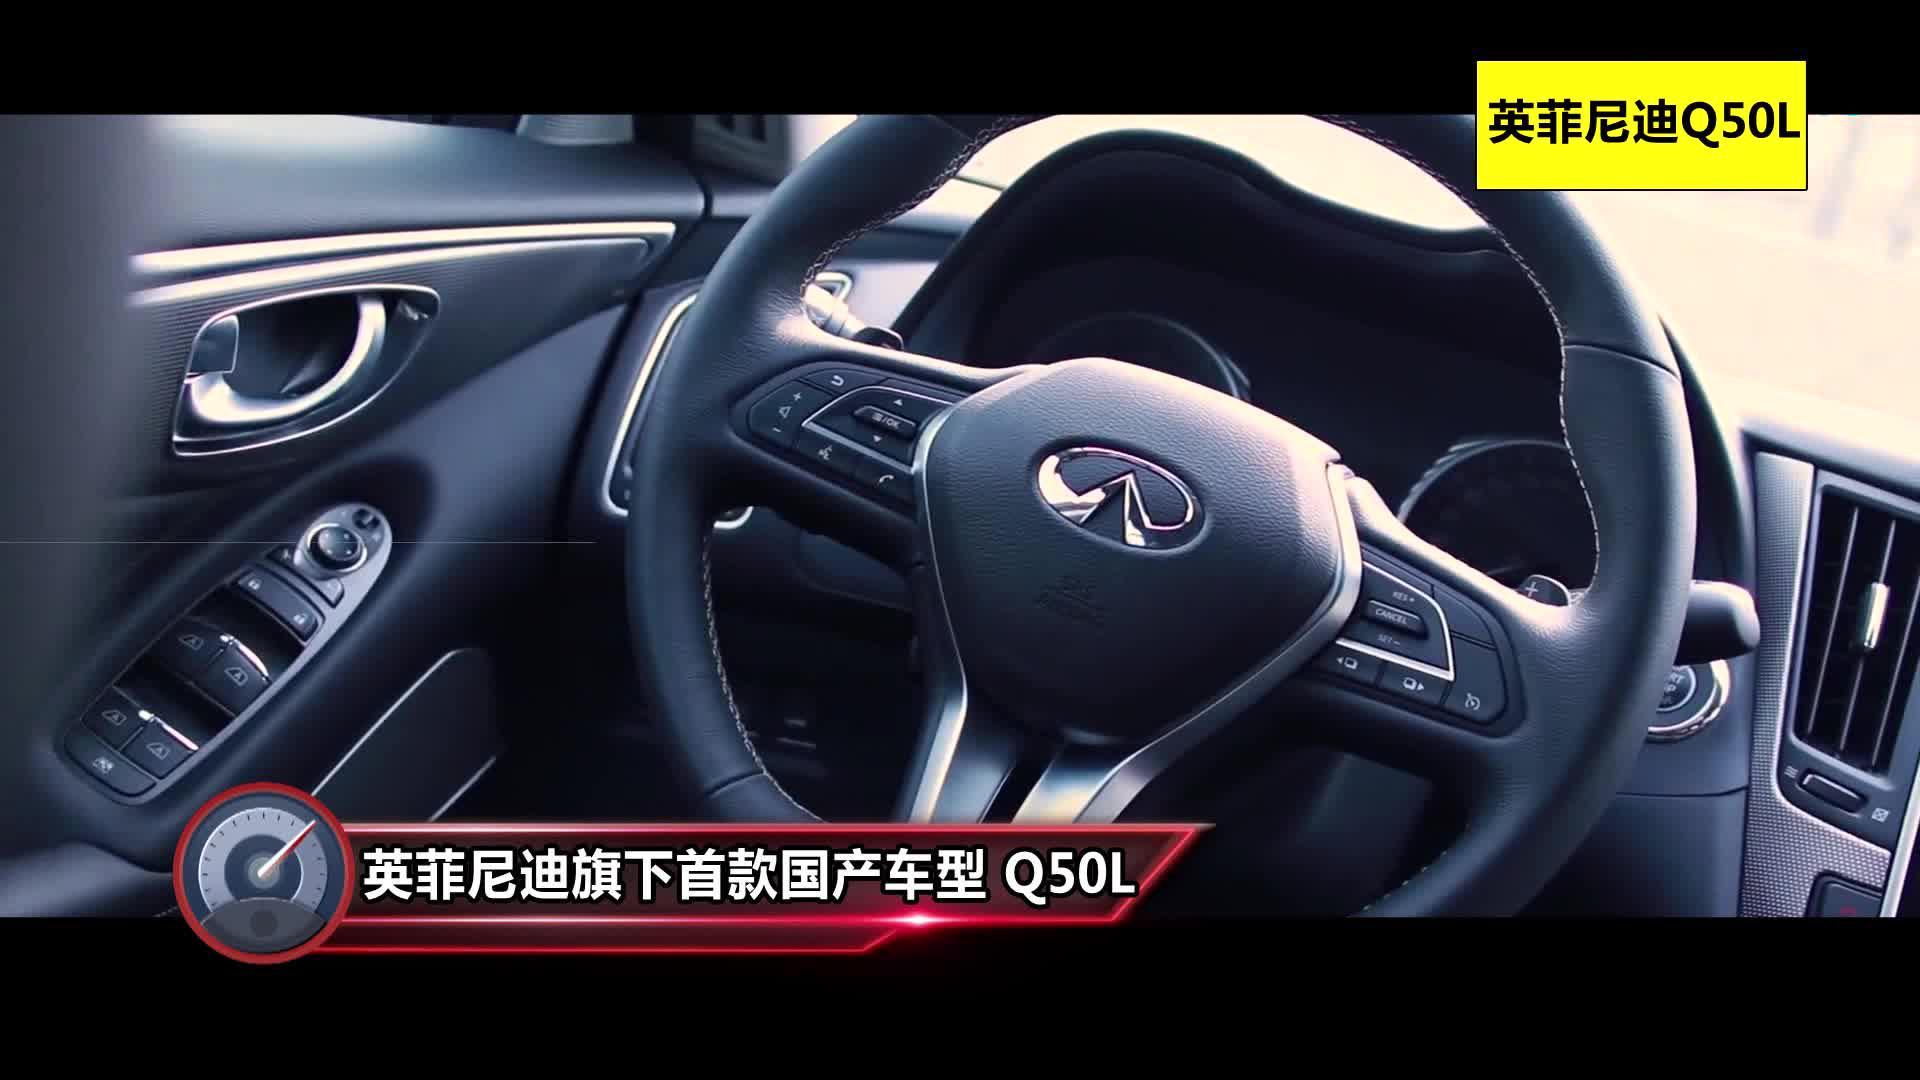 视频:英菲尼迪销量不佳 舒适不错的Q50L还值得考虑吗?